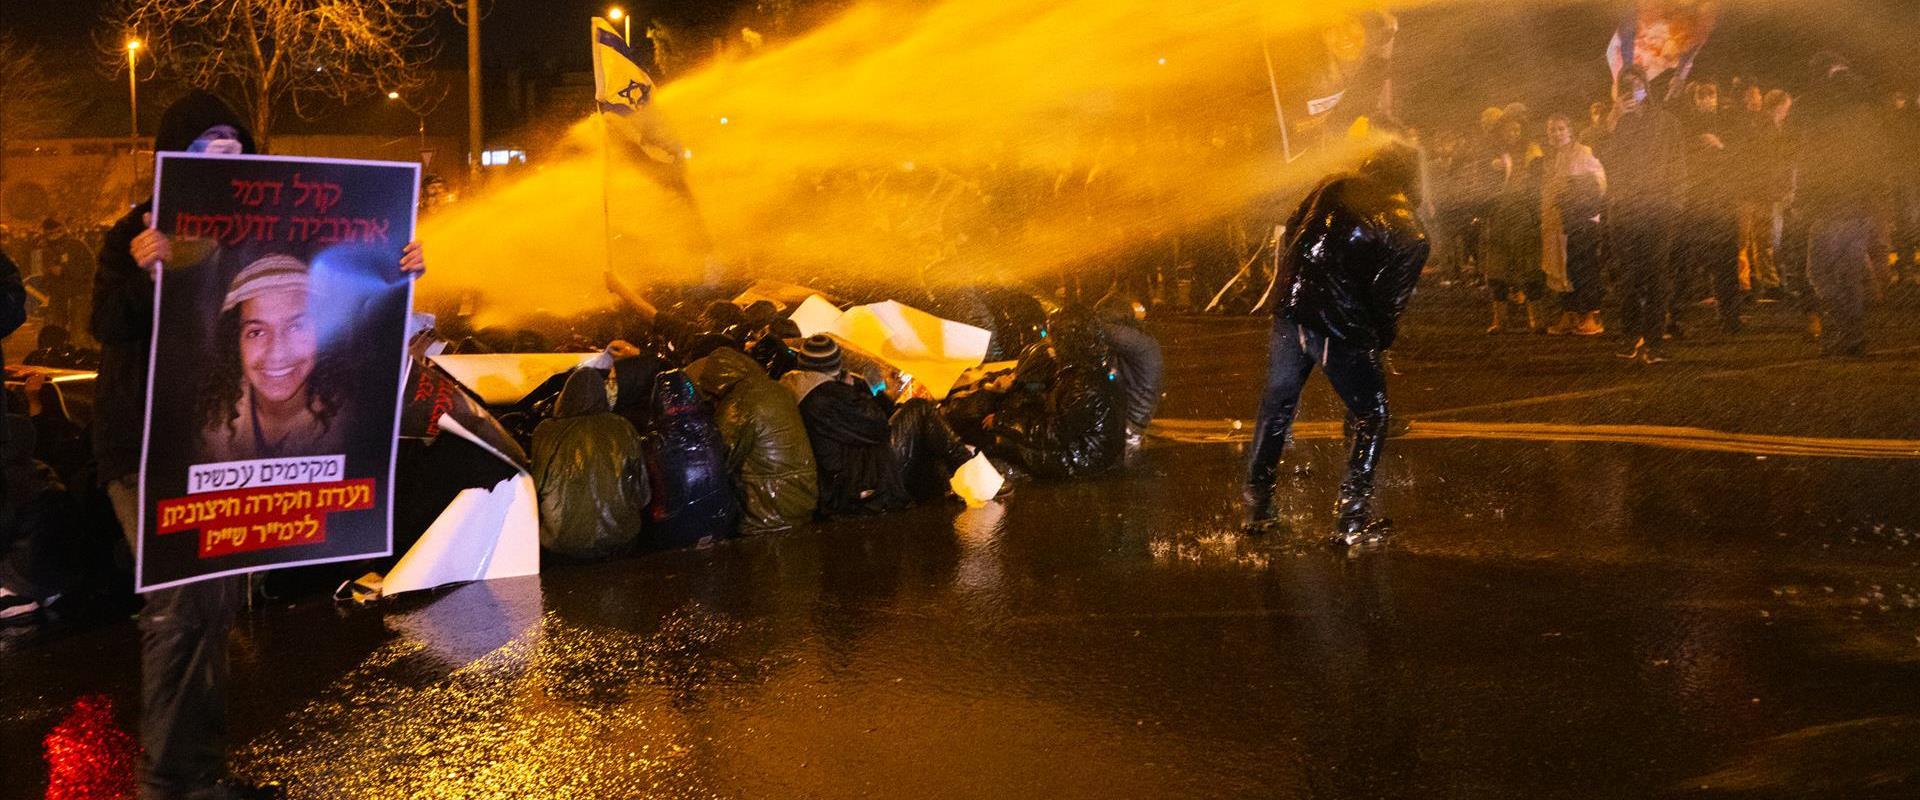 """הפגנת מחאה על מות אהוביה סנדק מול משרדי מח""""ש שלשום"""